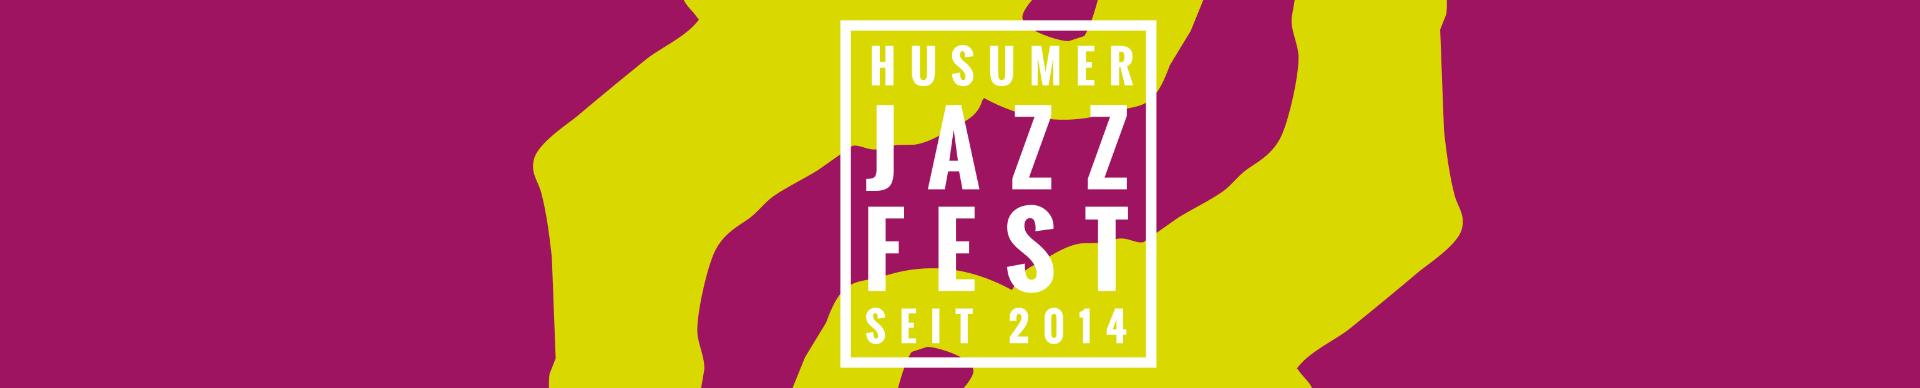 Jazzfest-Husum-Headerbild